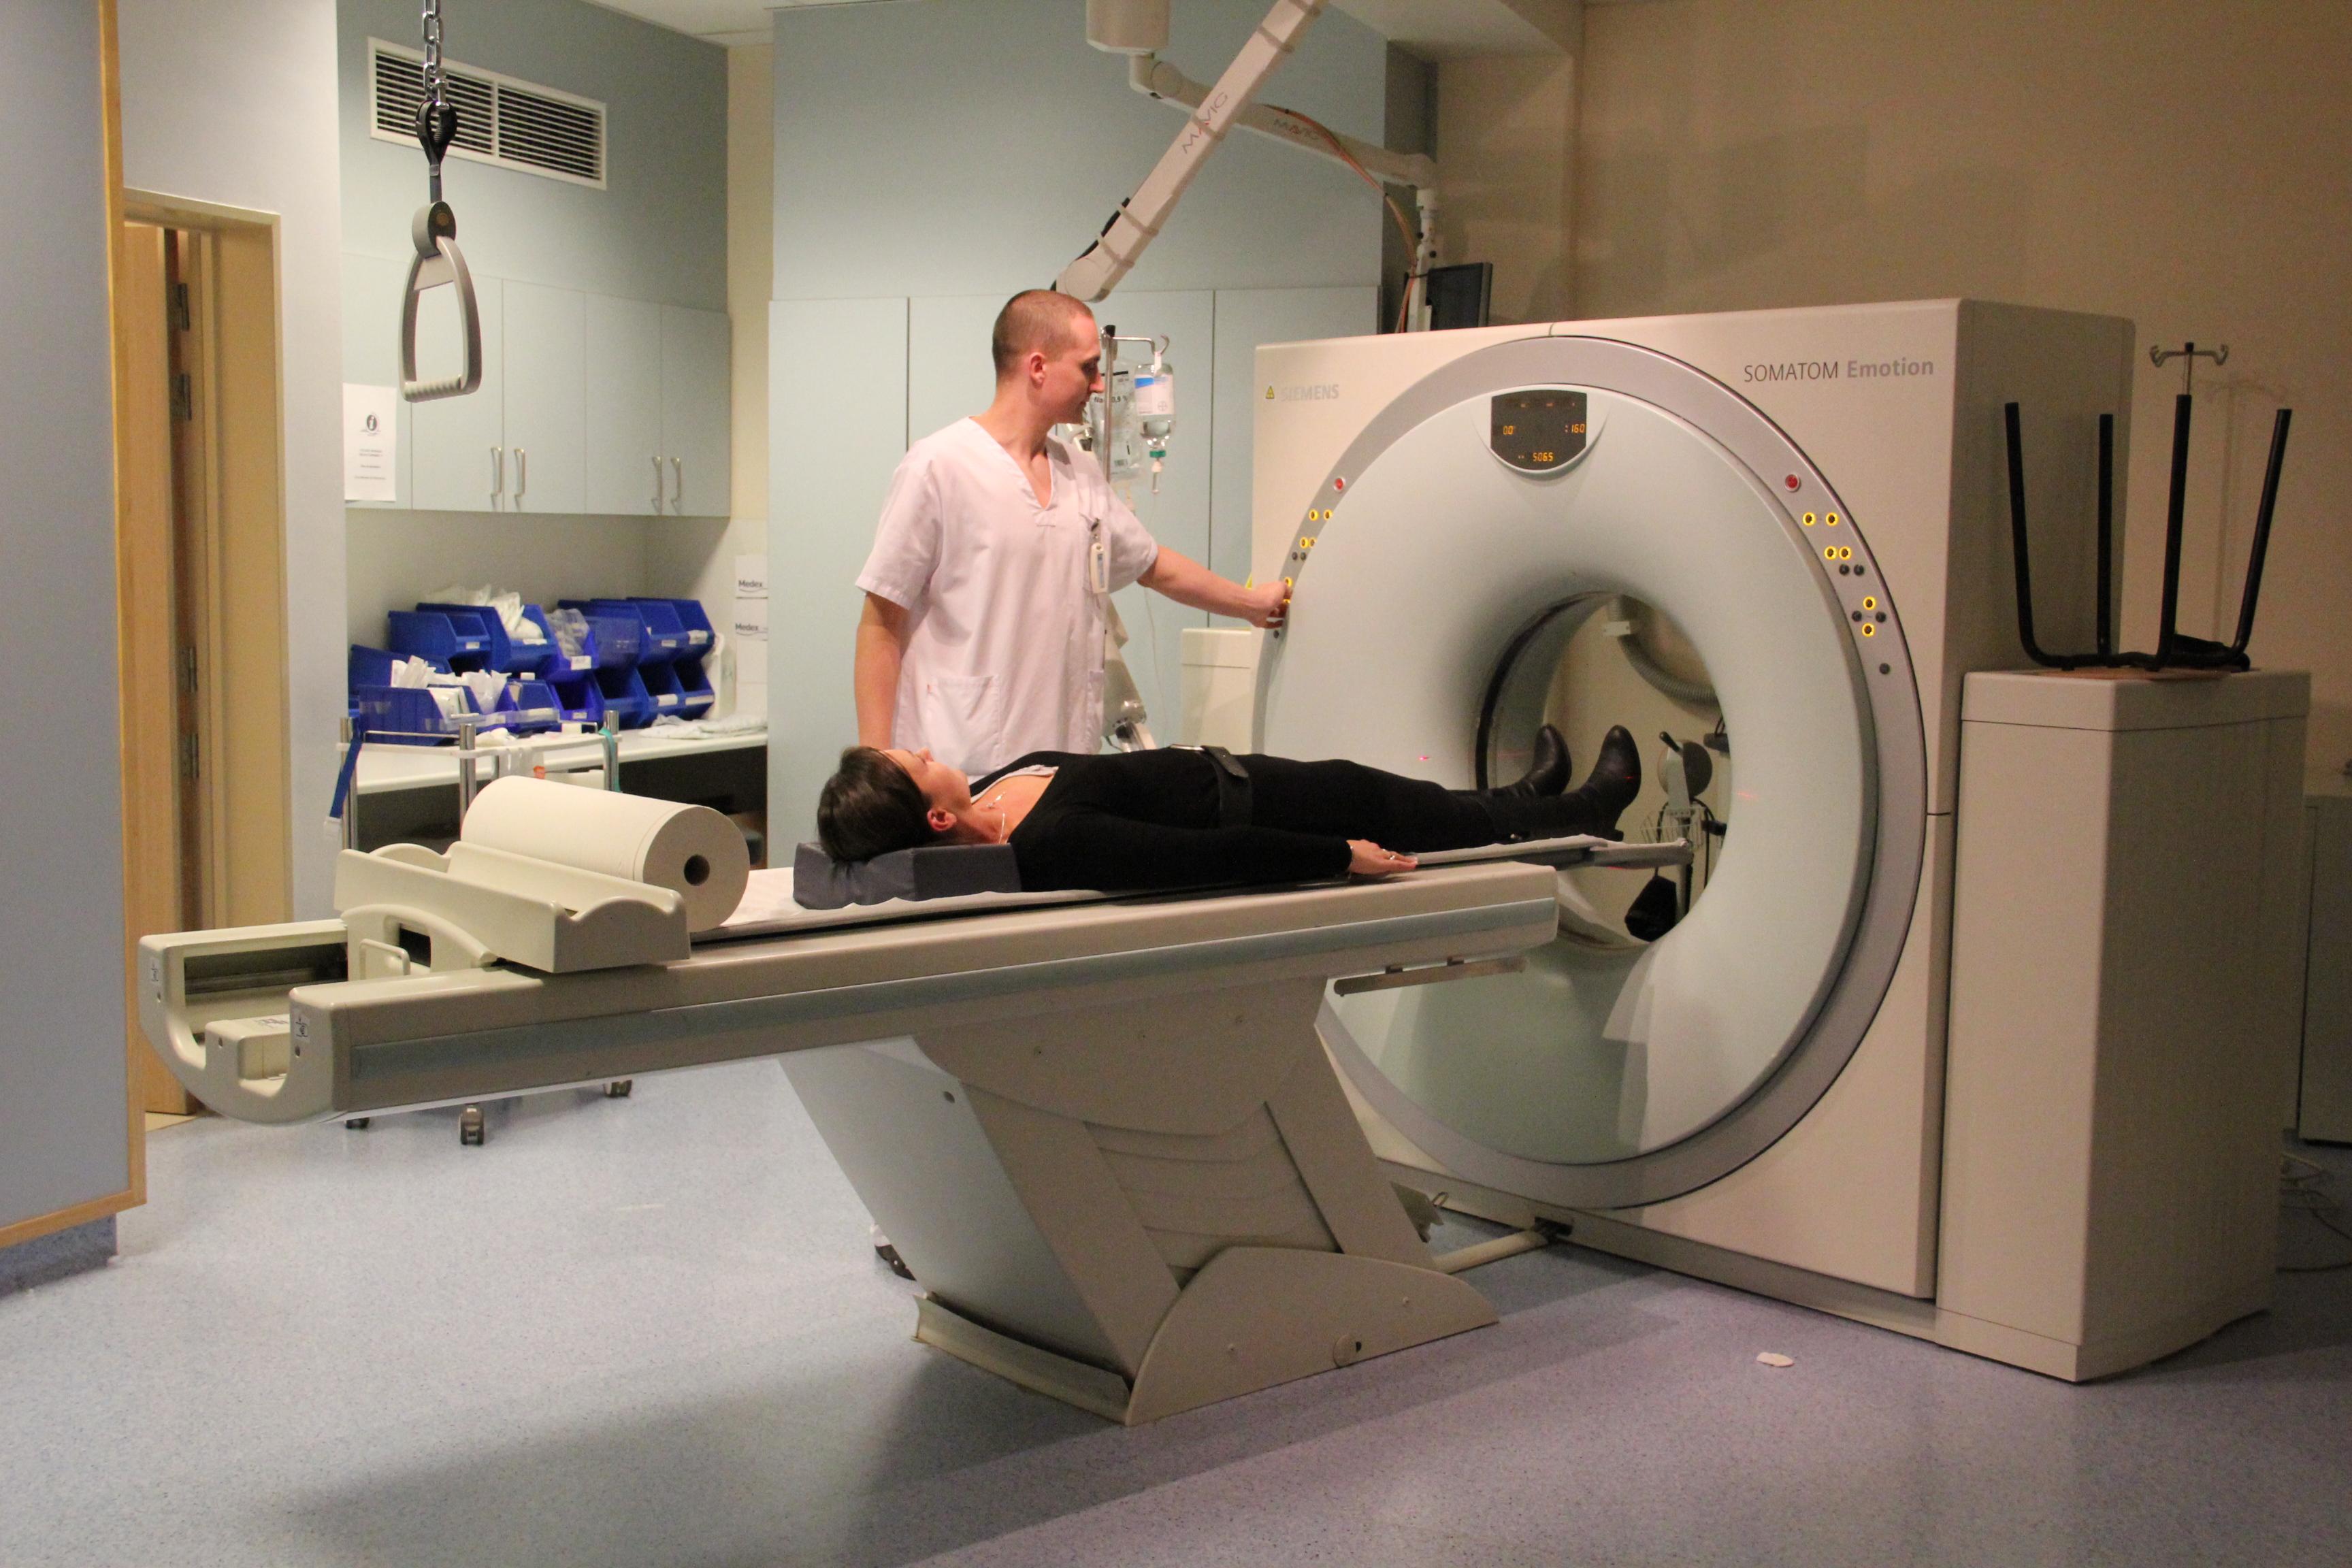 Cabinet de radiologie scanner - Cabinet de radiologie scanner ...